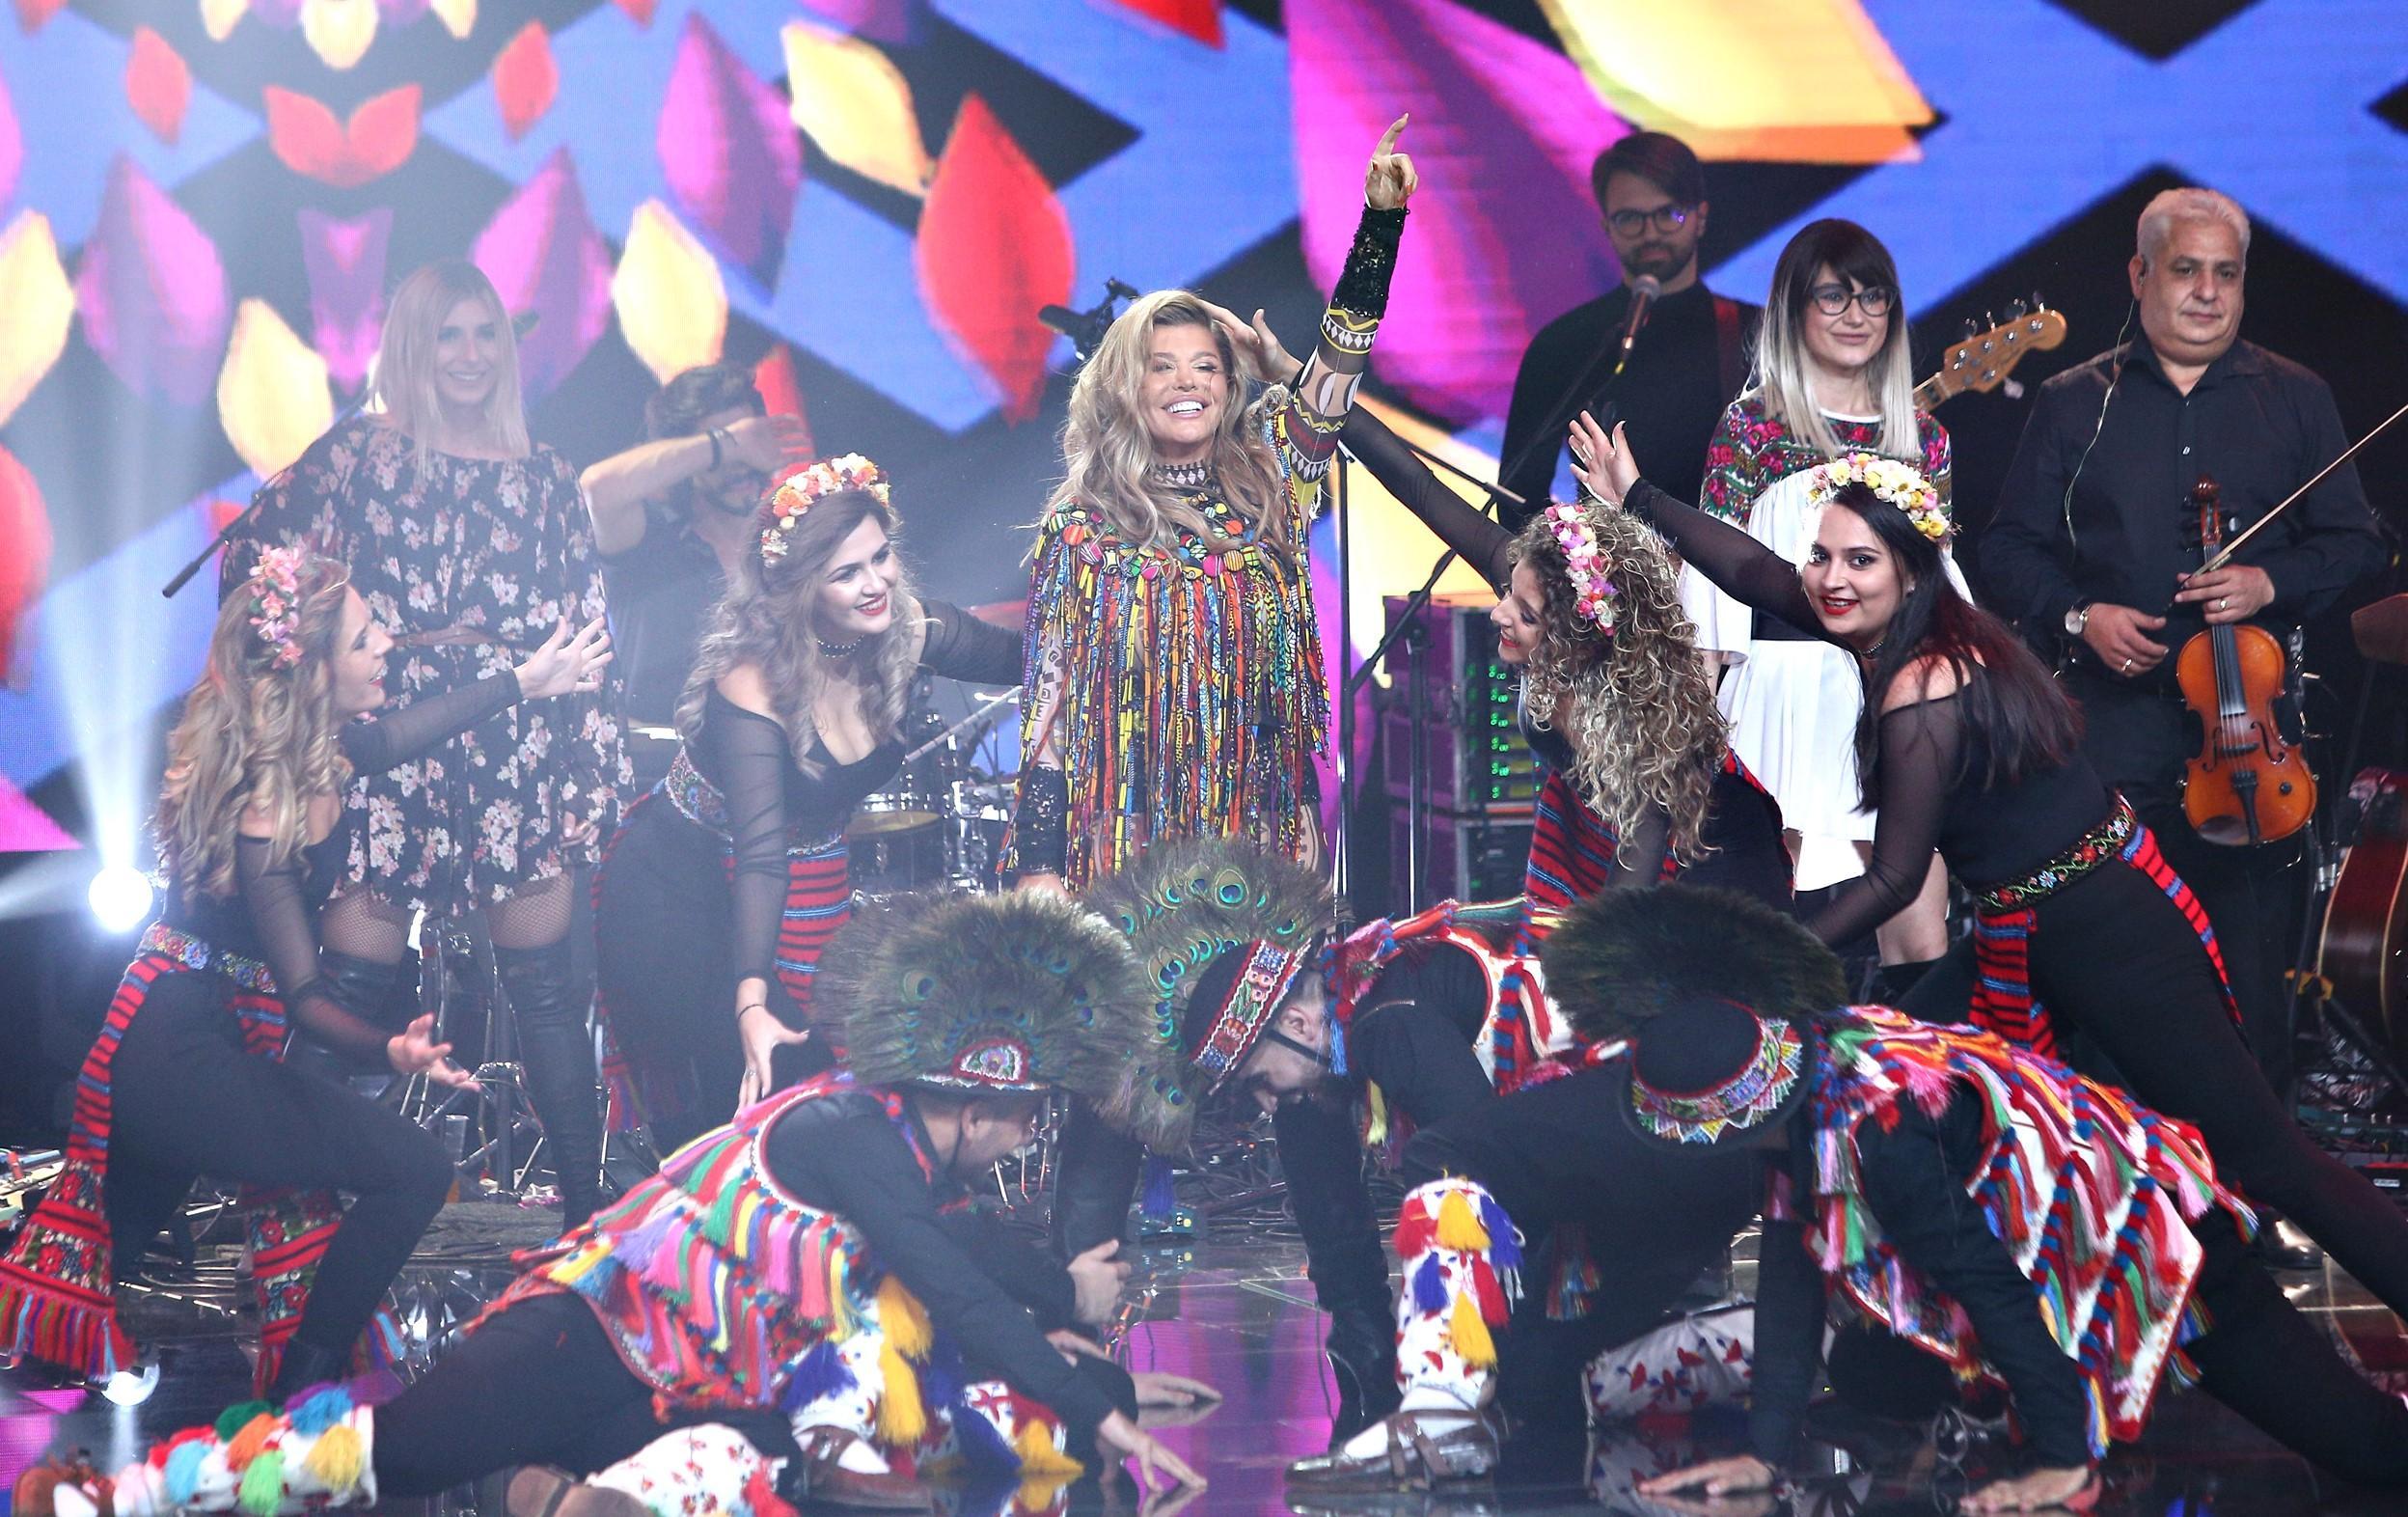 """Finala X Factor 2020. Loredana a încins scena cu avanpremiera concertului """"Agurida"""". Momentul unic care i-a impresionat pe toți"""